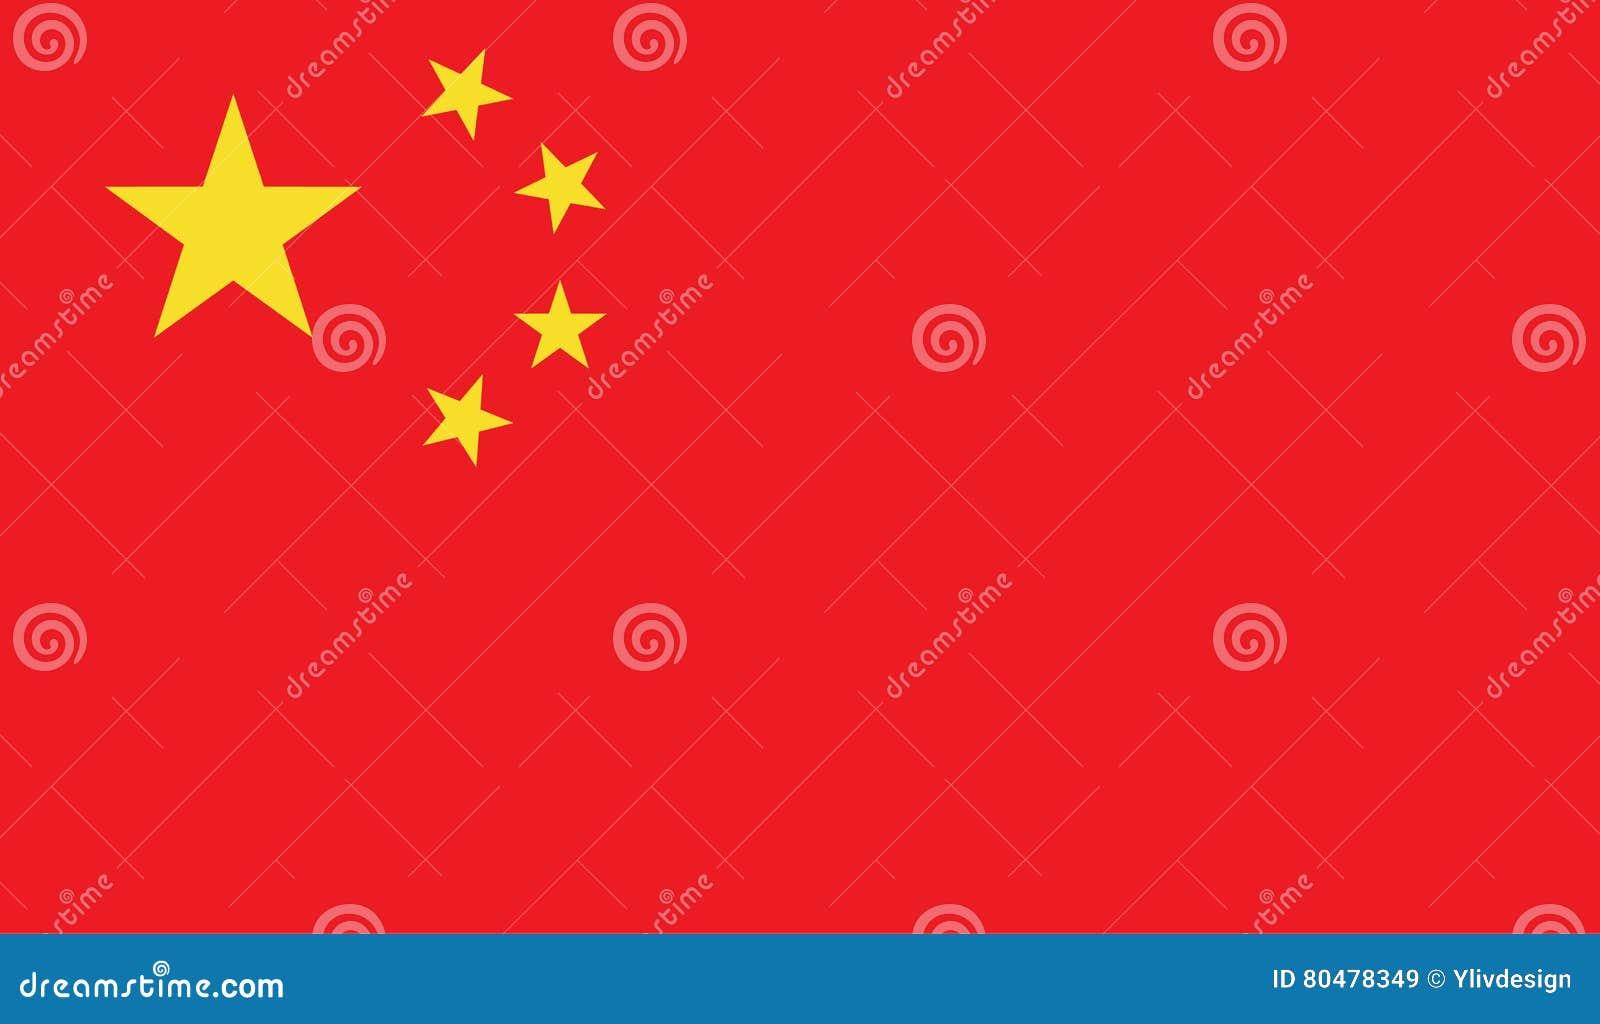 Image de drapeau de la Chine